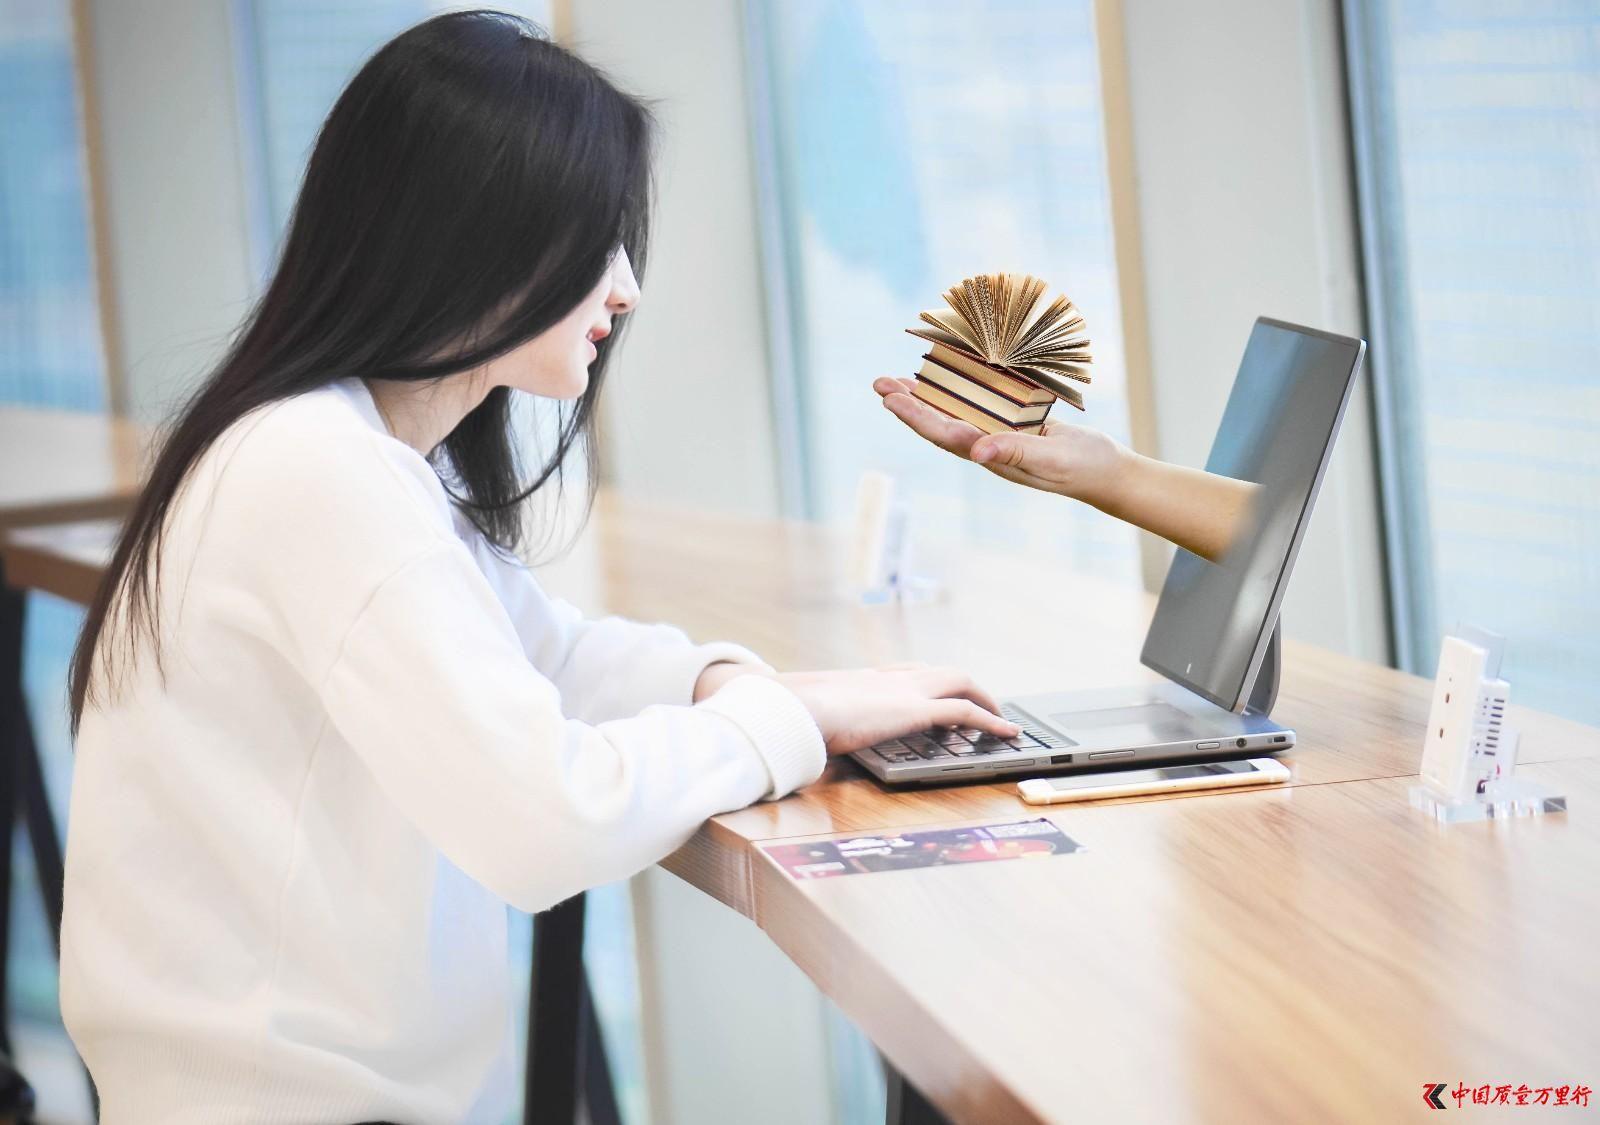 网贷平台乱象横生 五部委出手规范大学生网贷